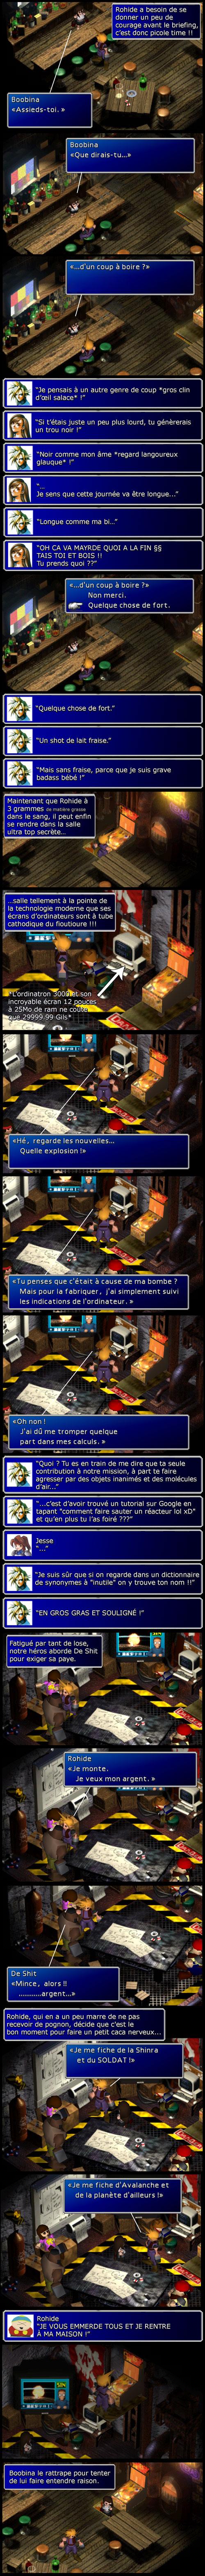 Final fantasy 7 : Cloud drague Tifa avant de s'aventurer dans la base top secrète